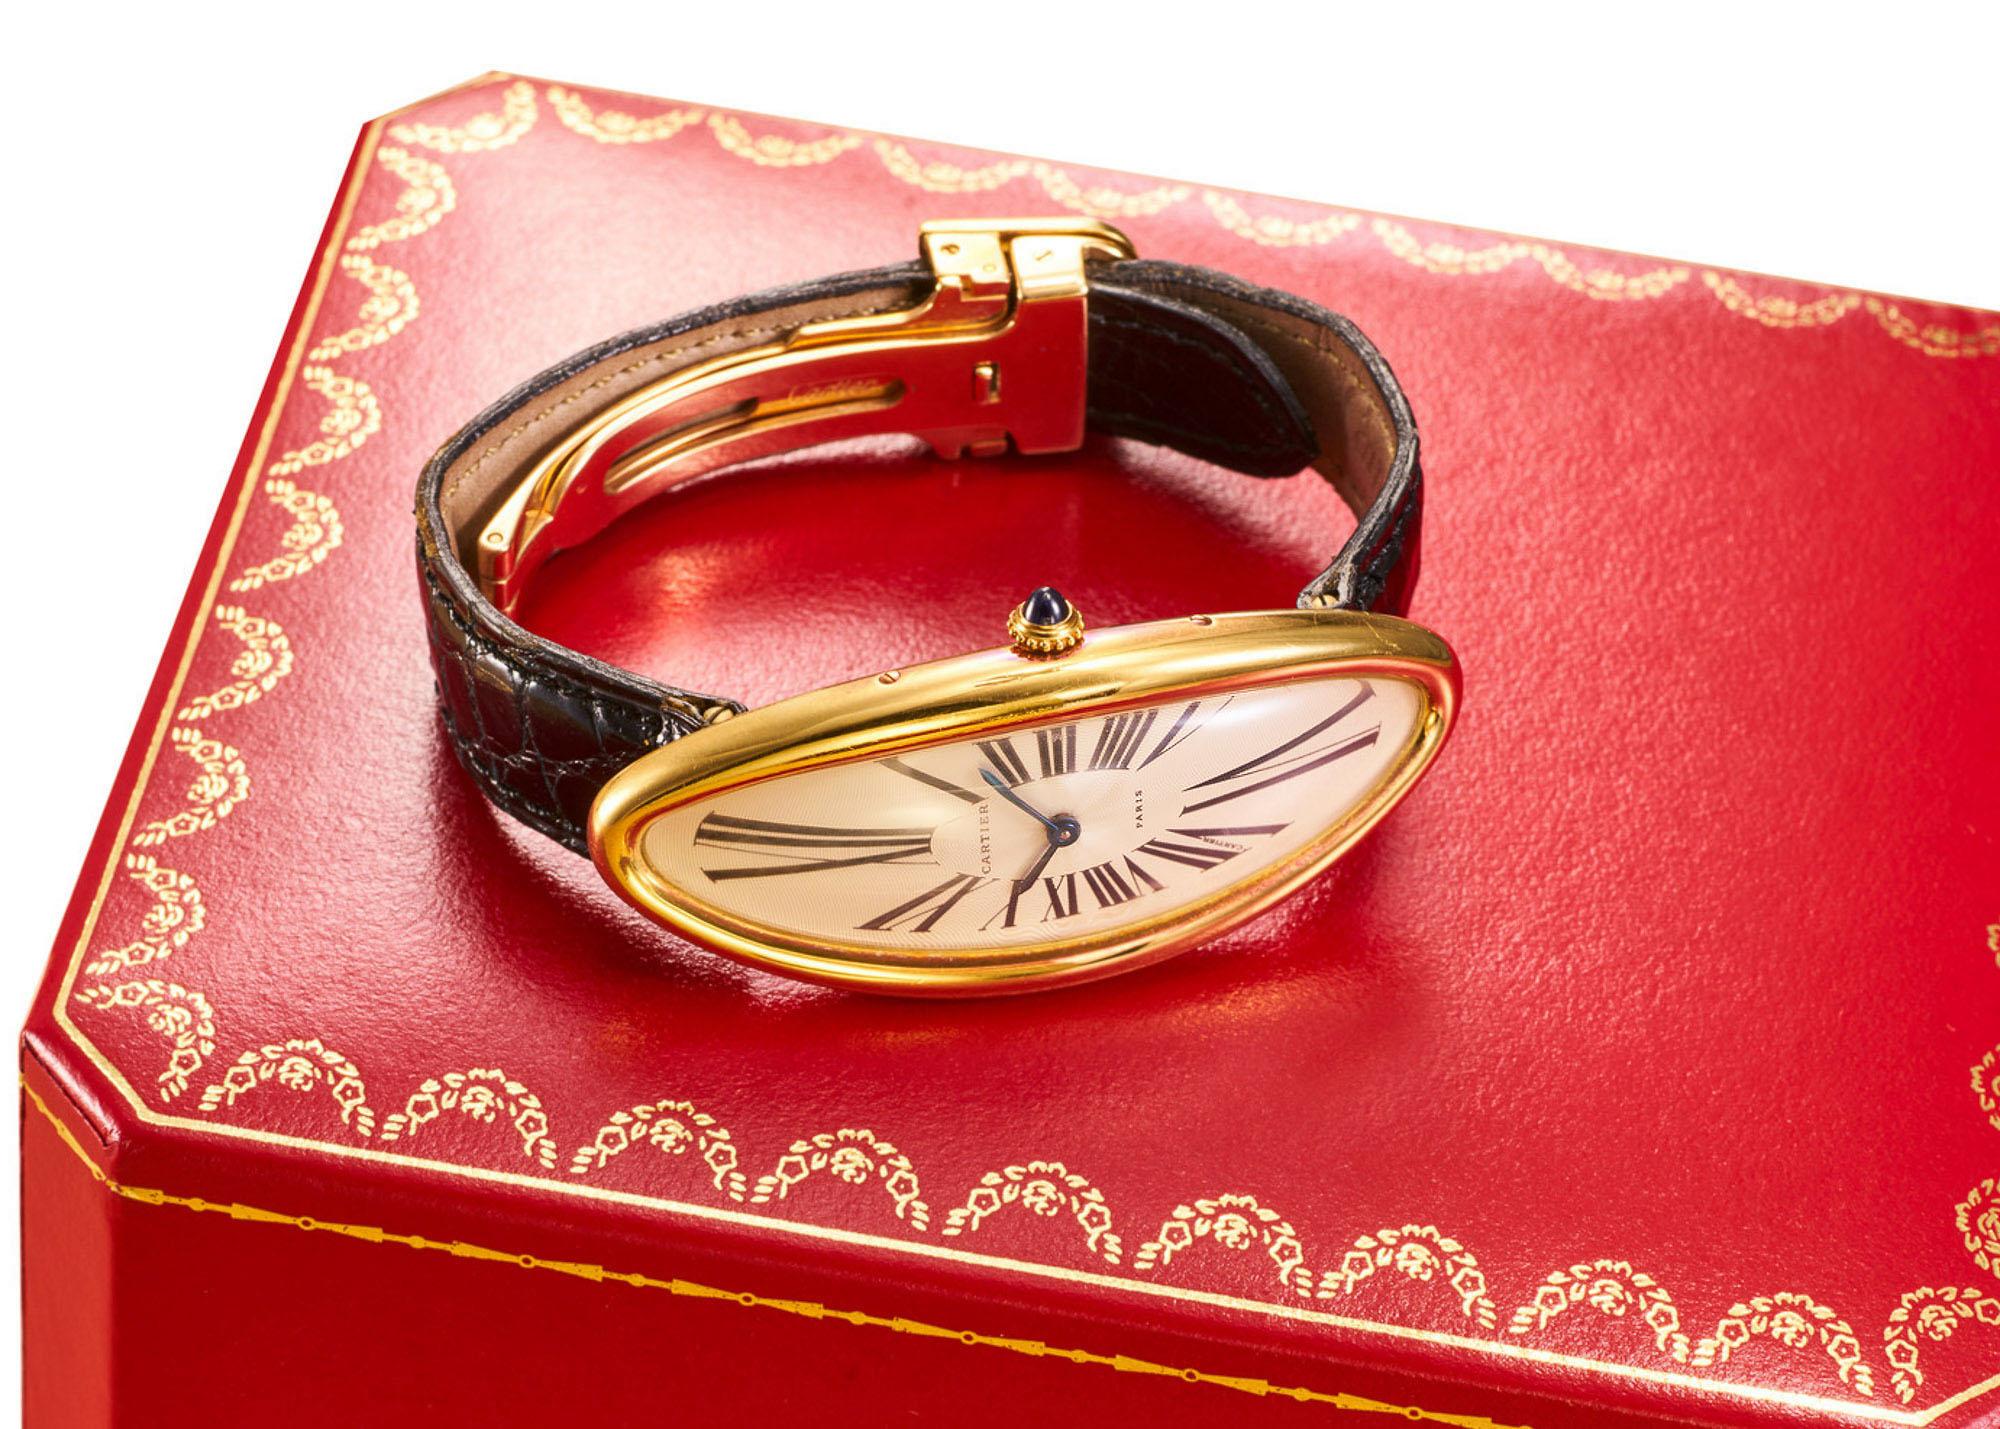 Antiquorum Auction May 2020 Cartier Baignoire Allongée Watch 1991